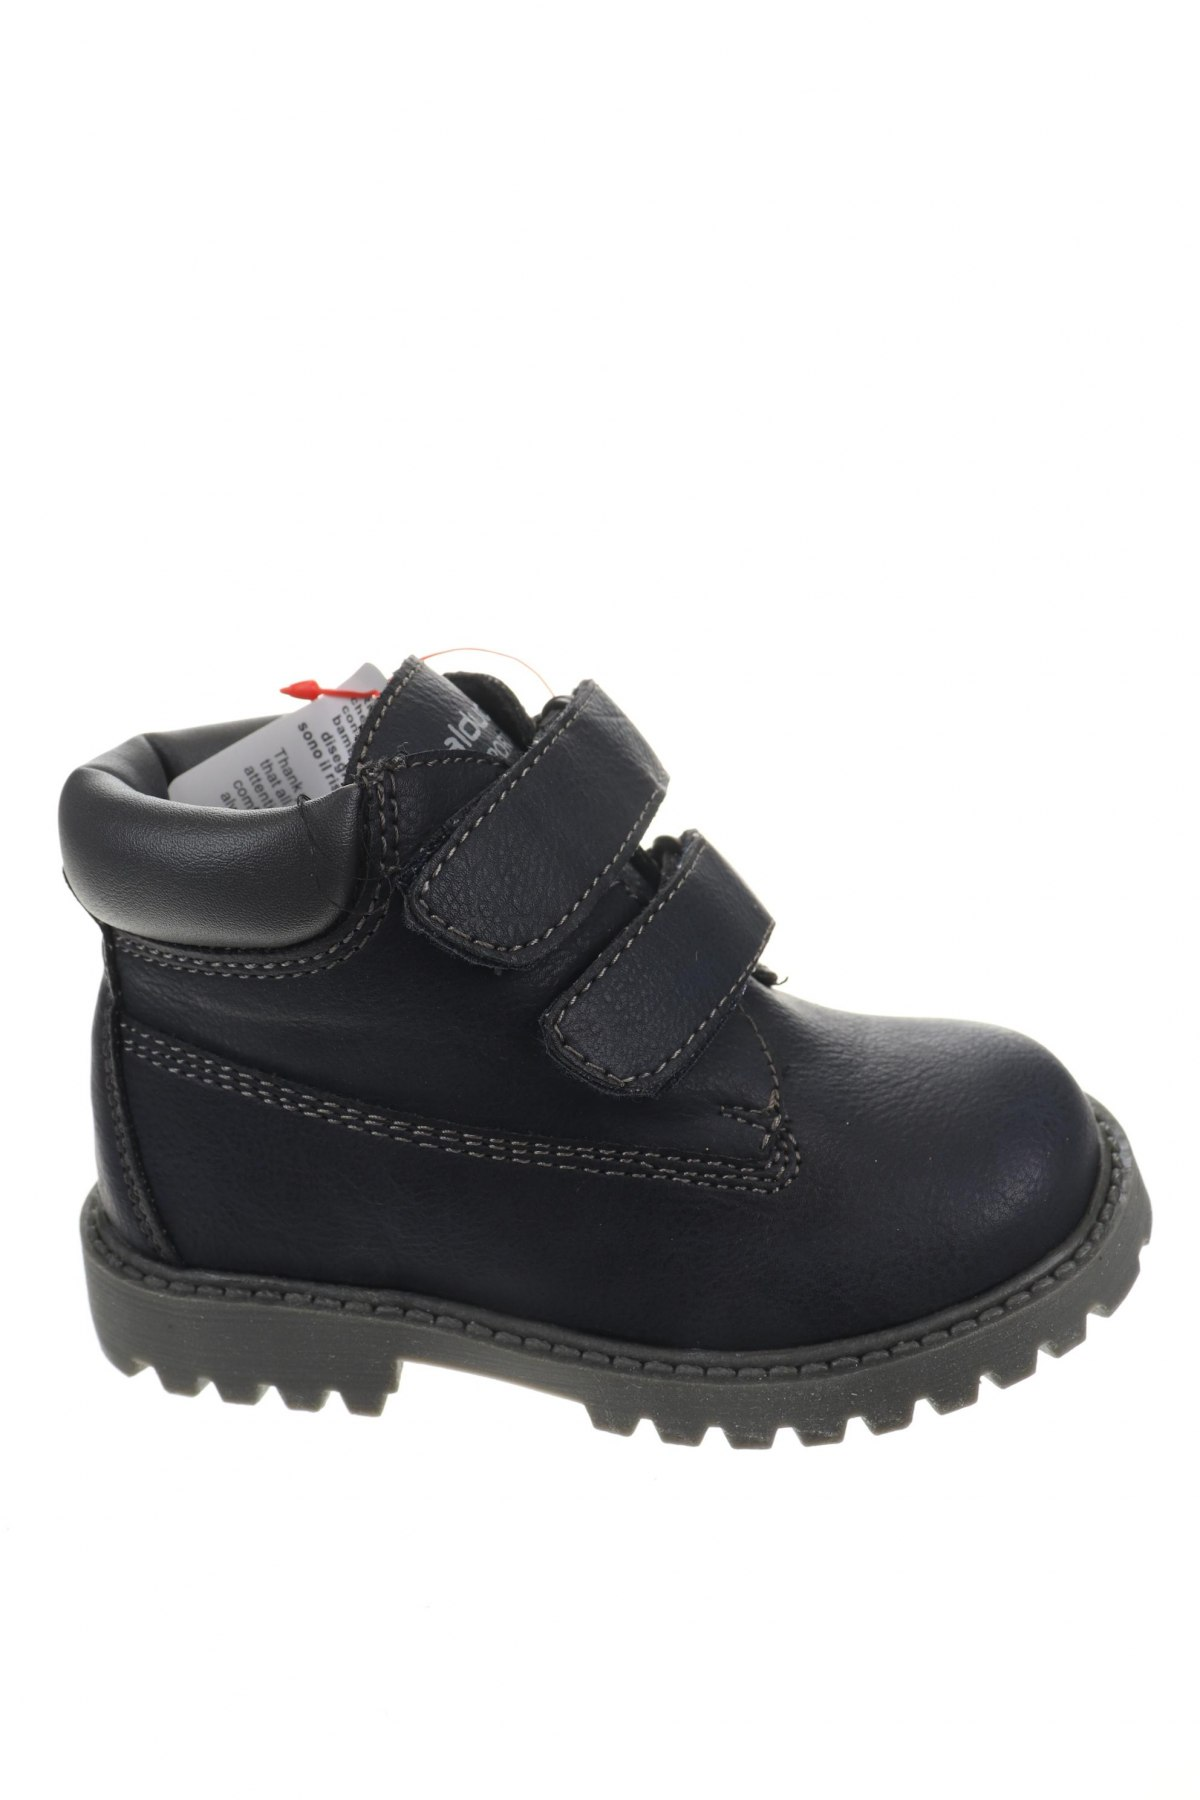 Παιδικά παπούτσια Balducci, Μέγεθος 23, Χρώμα Μπλέ, Δερματίνη, Τιμή 9,96€